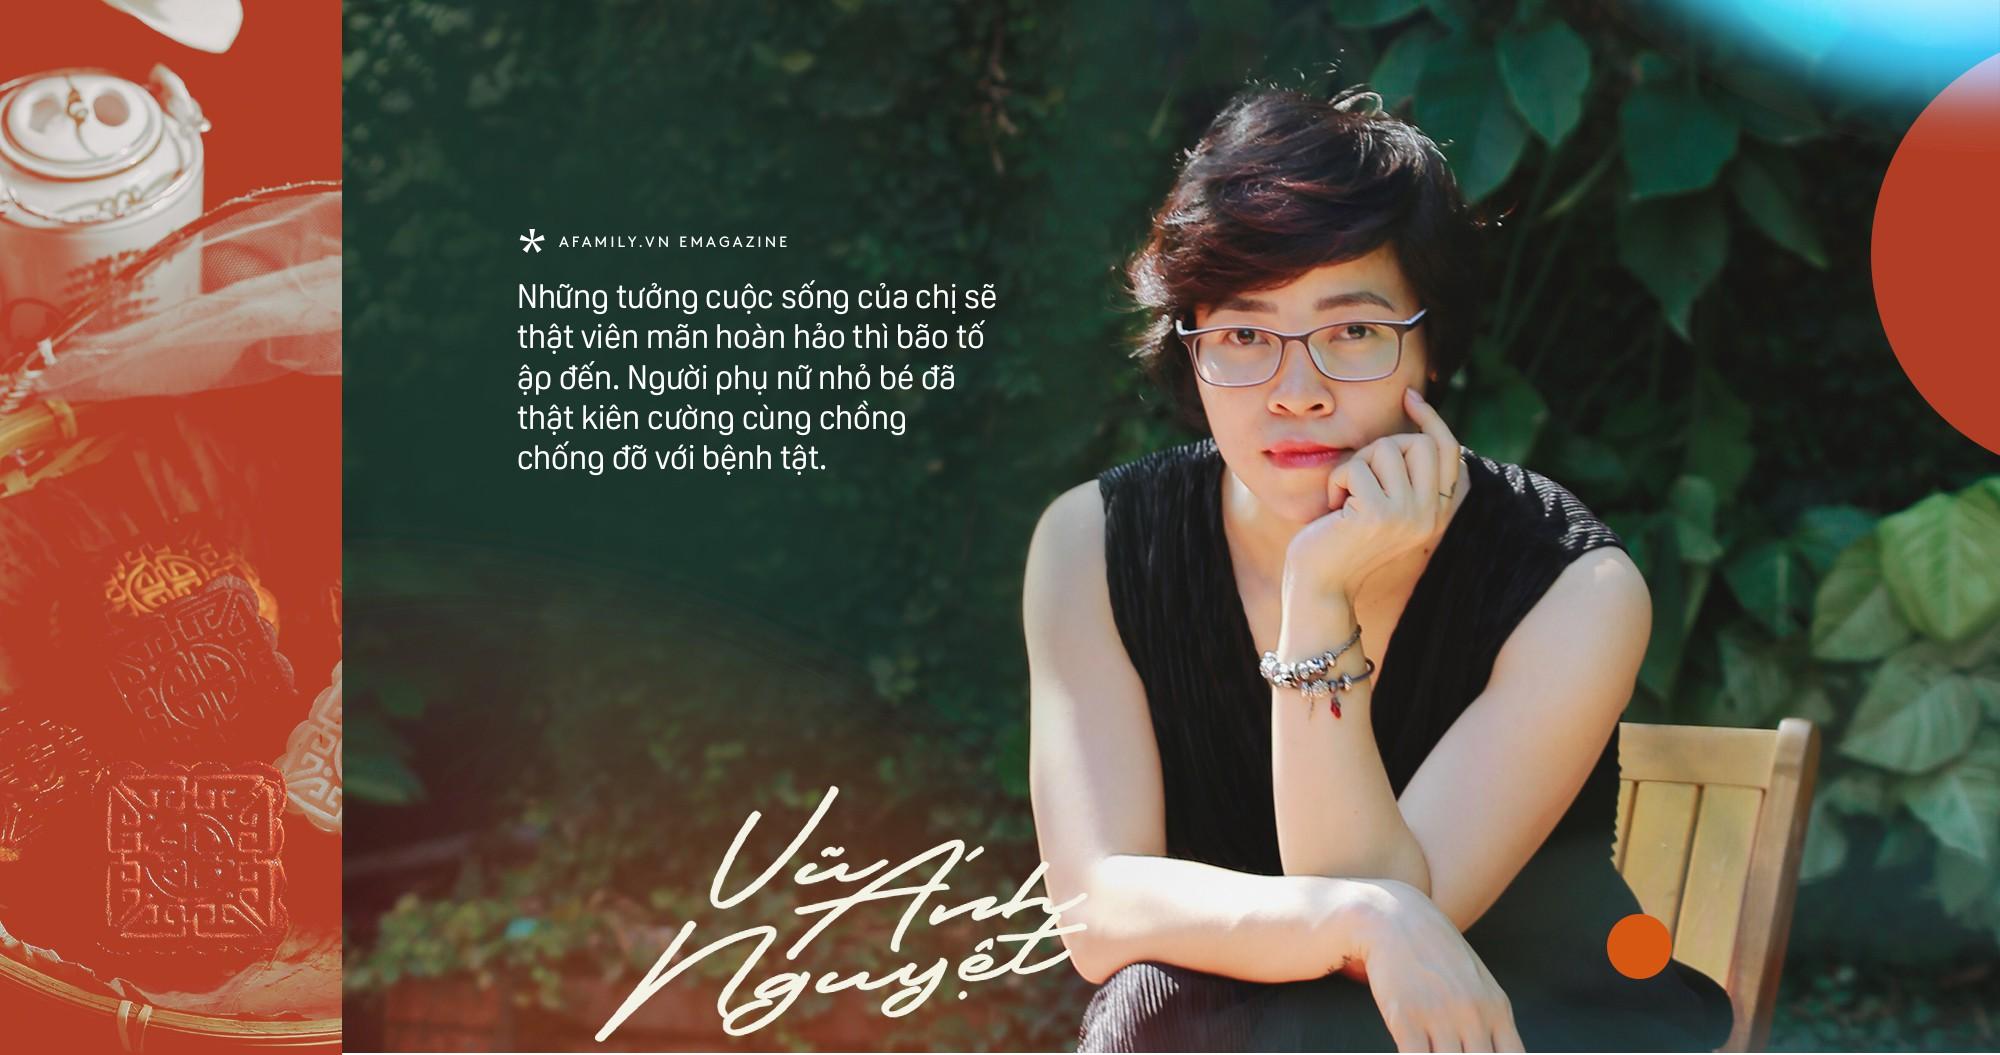 Food blogger Vũ Ánh Nguyệt: Người làm bánh Trung thu đợi đoàn viên cùng người thương vào... đêm trăng rằm - Ảnh 7.